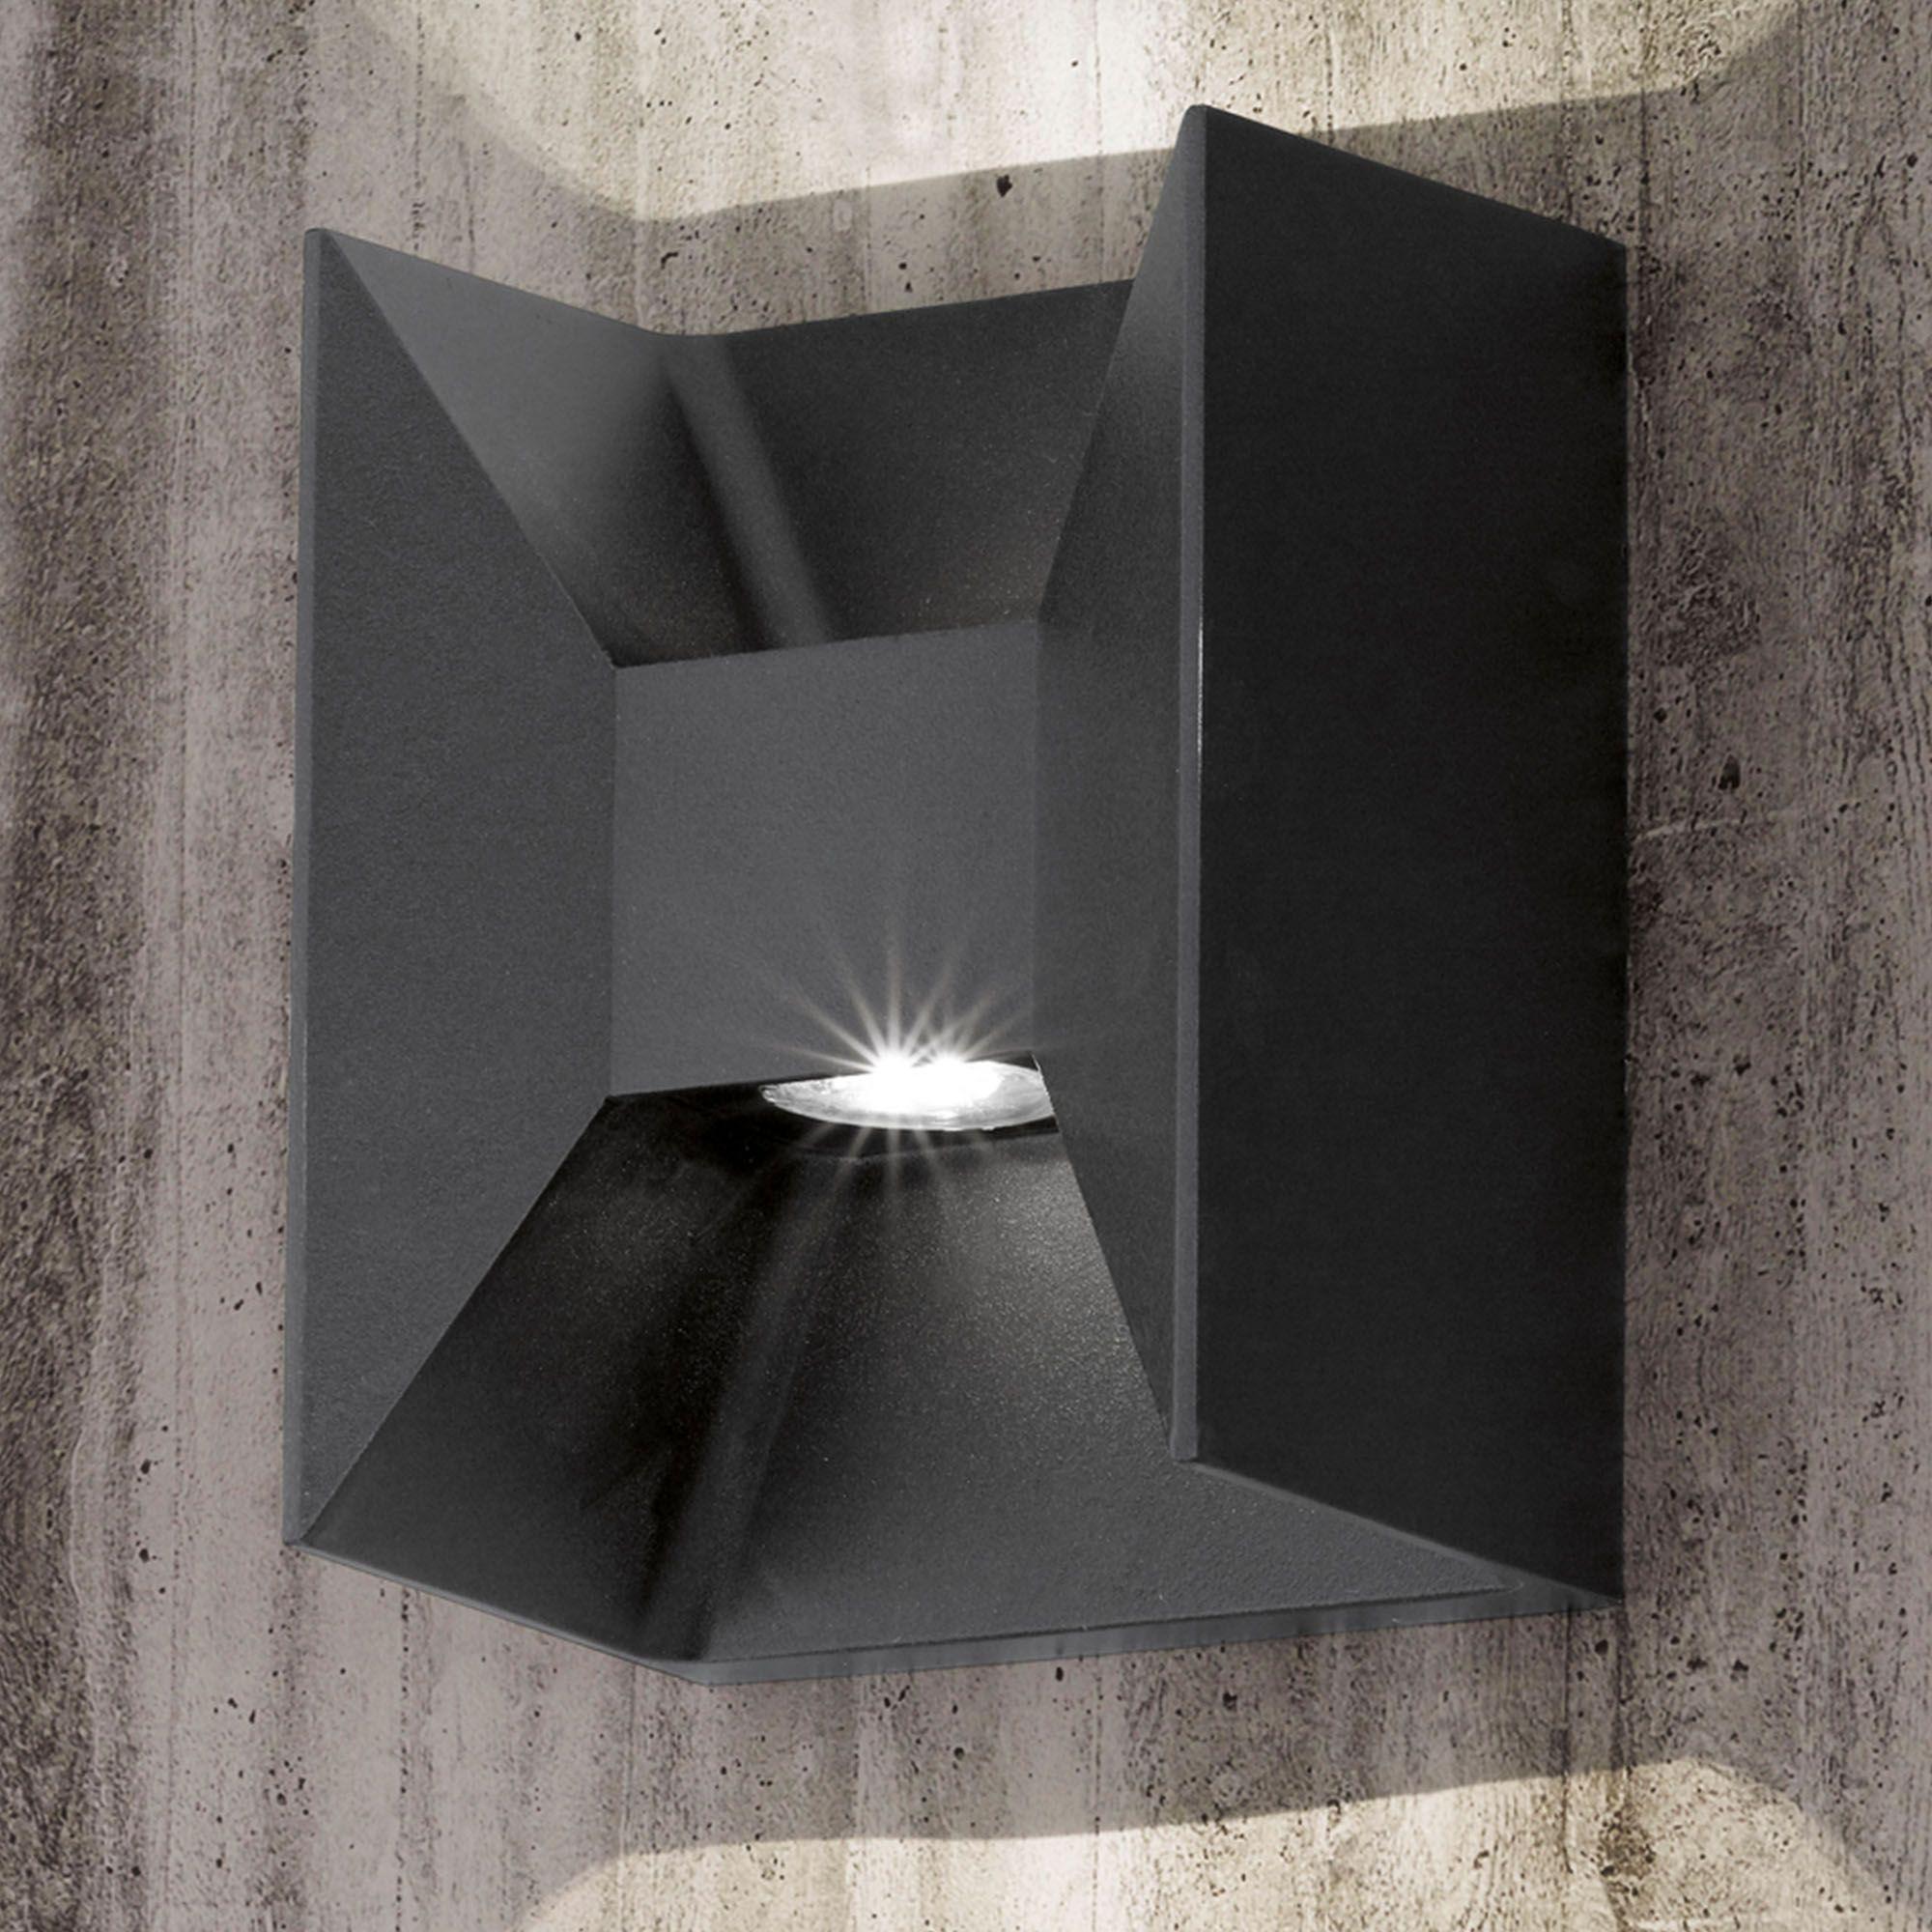 Anthracite eglo morino updown aluminium led ip square exterior